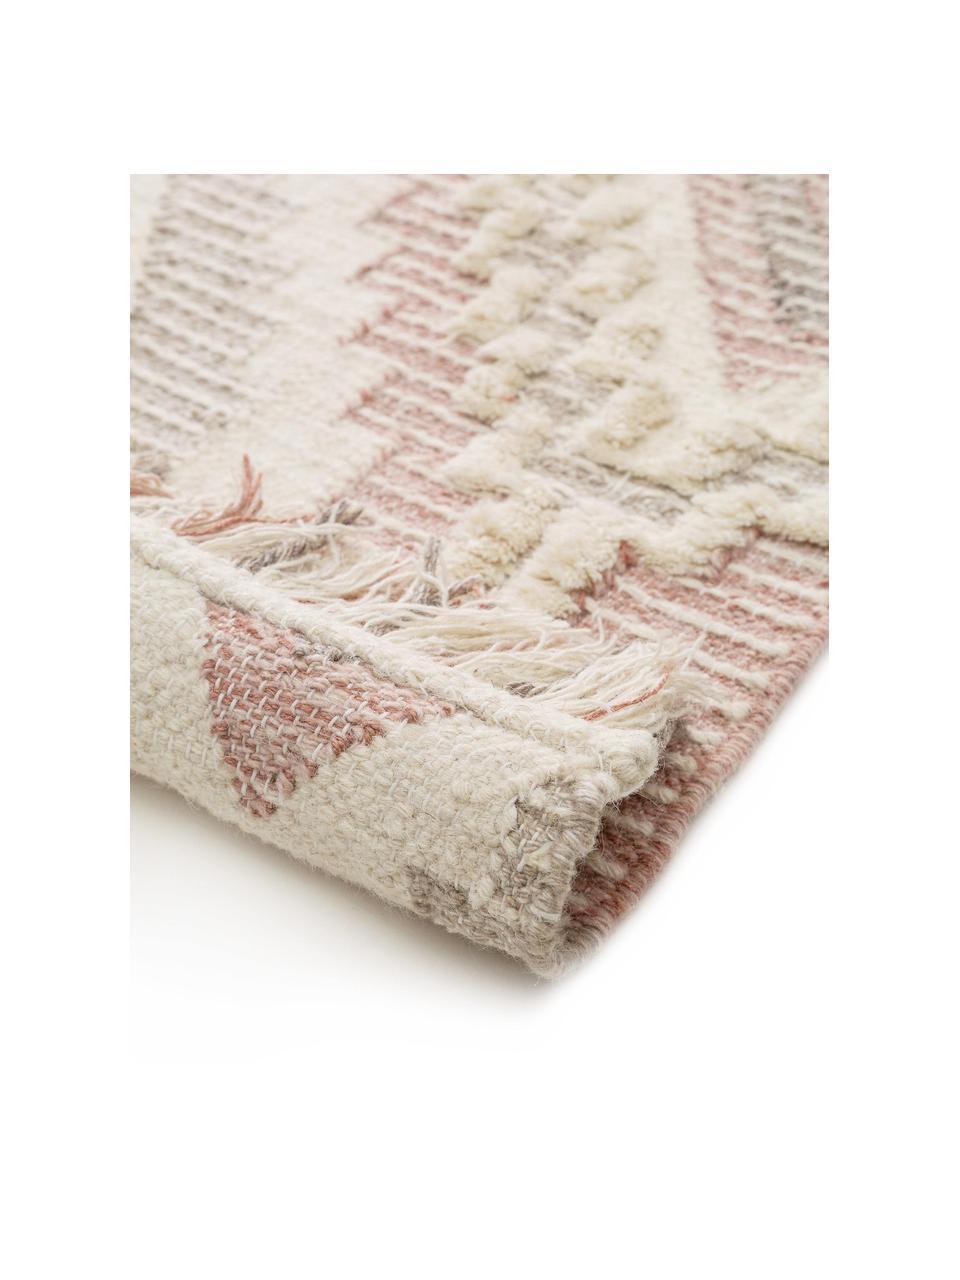 Tapis en laine rose gris ethnique Wanda, Rose, gris, crème